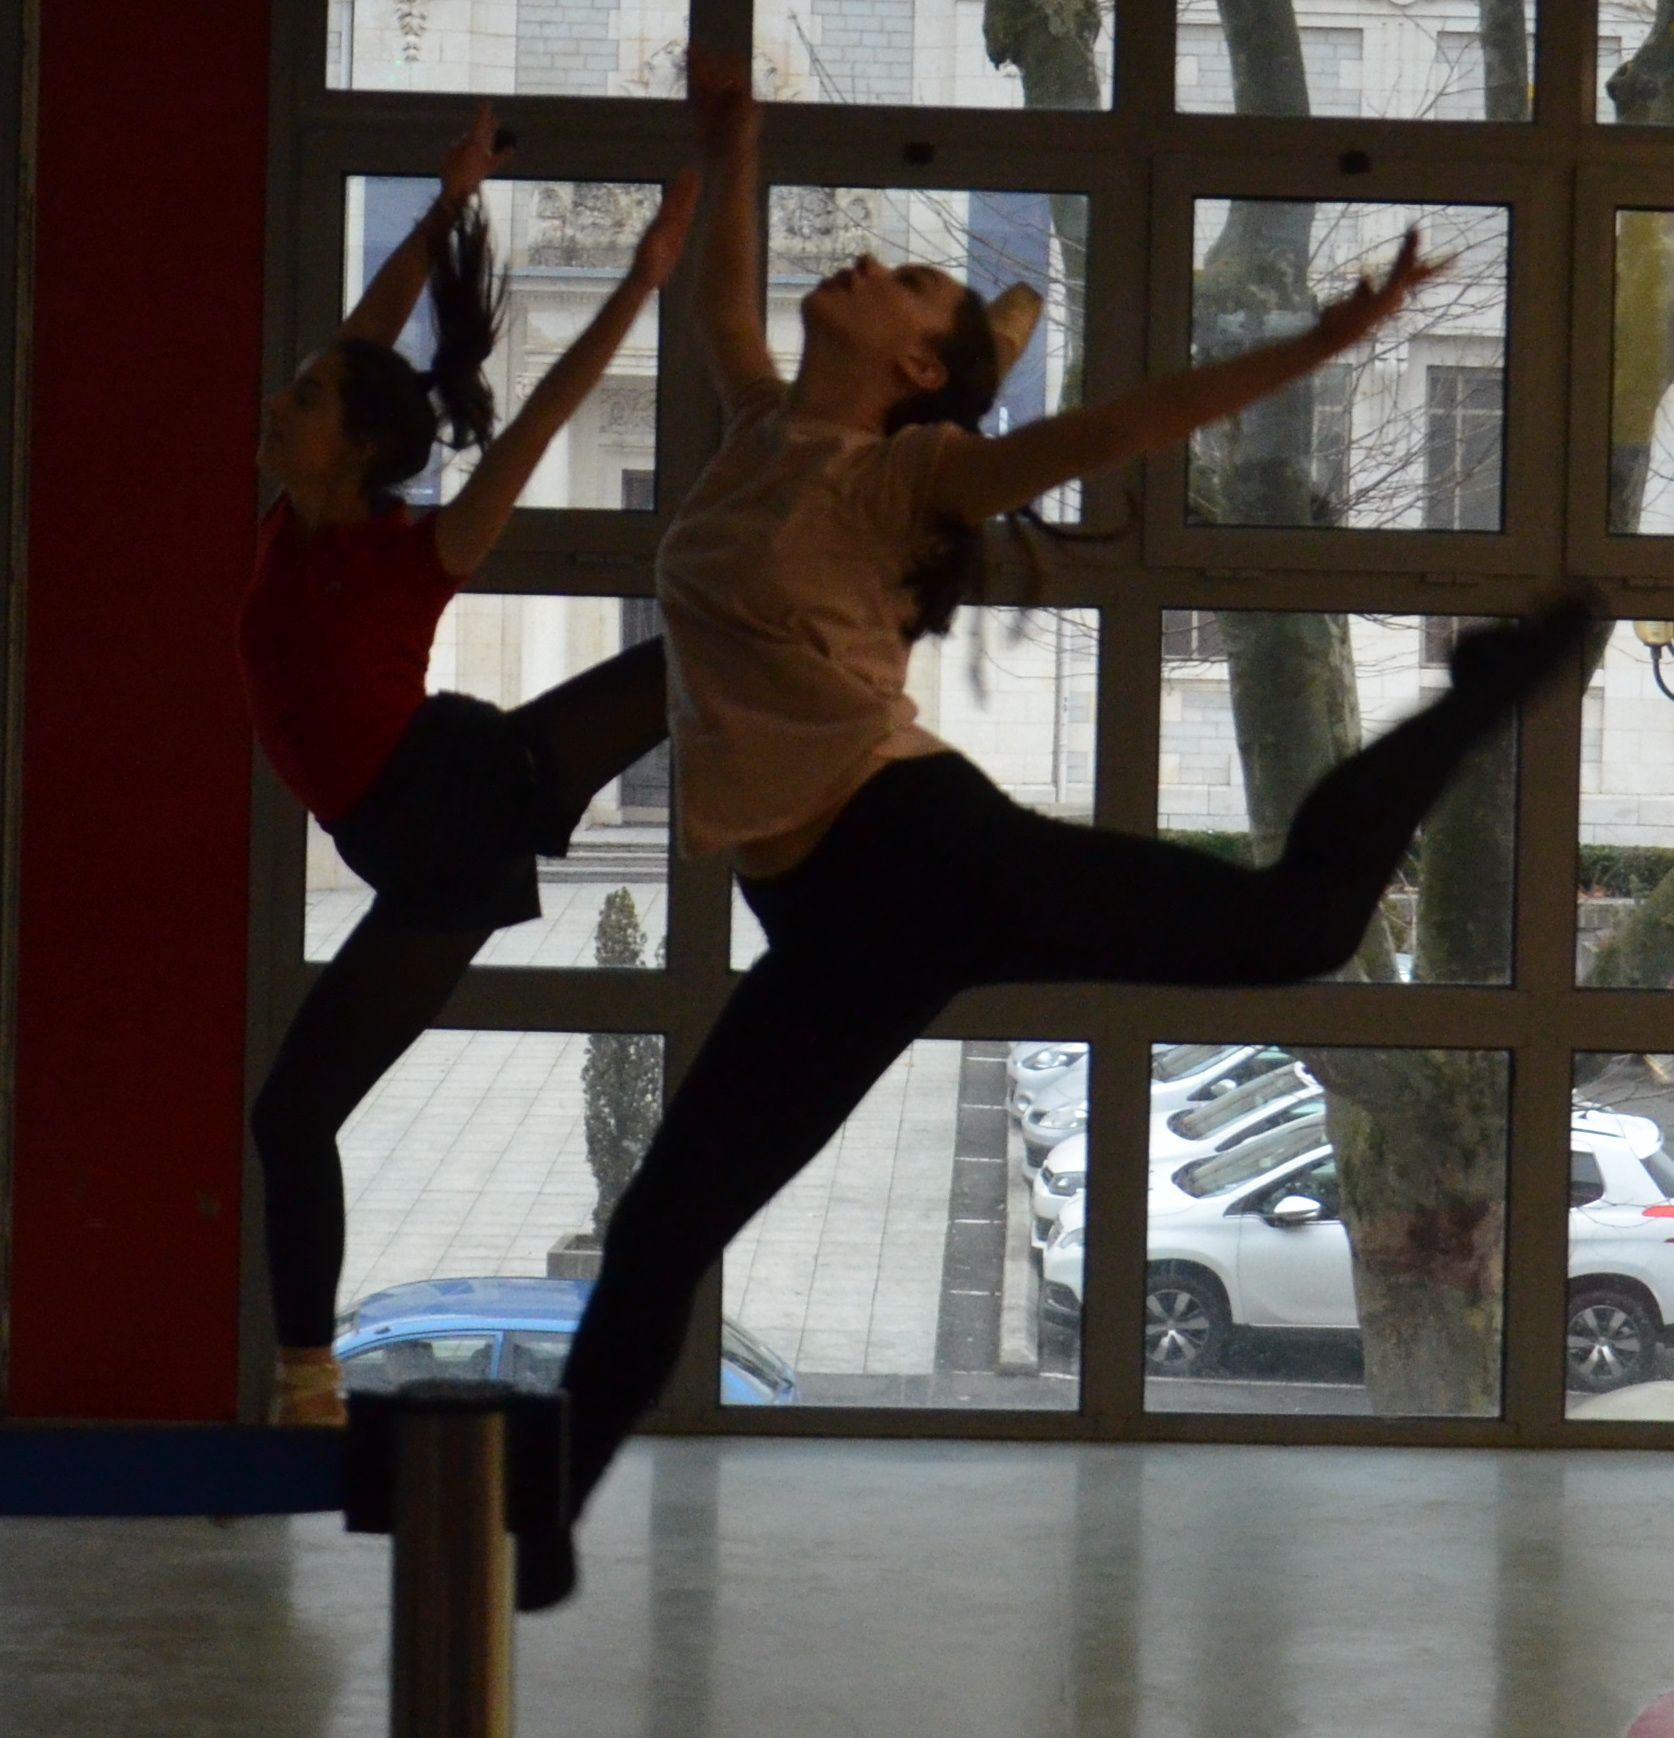 Professeurs de yoga datant des étudiants